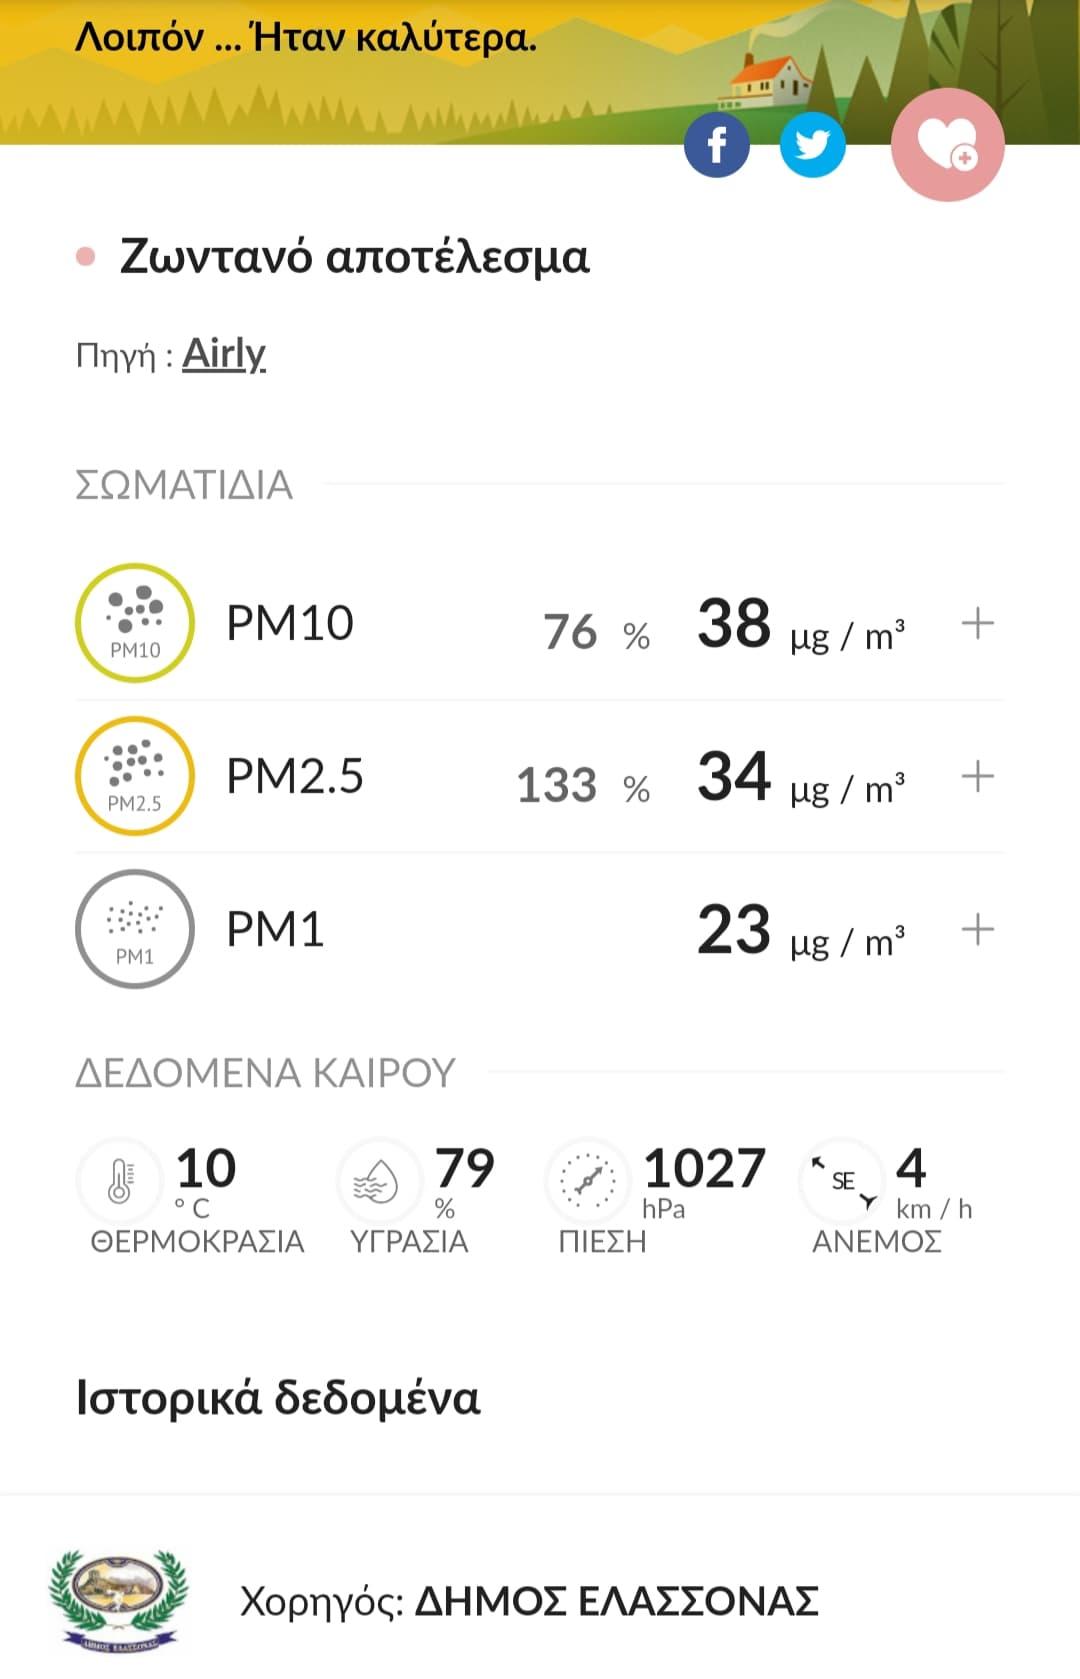 Συσκευή συλλογής ατμοσφαιρικών δεδομένων στο Δημαρχείο Ελασσόνας